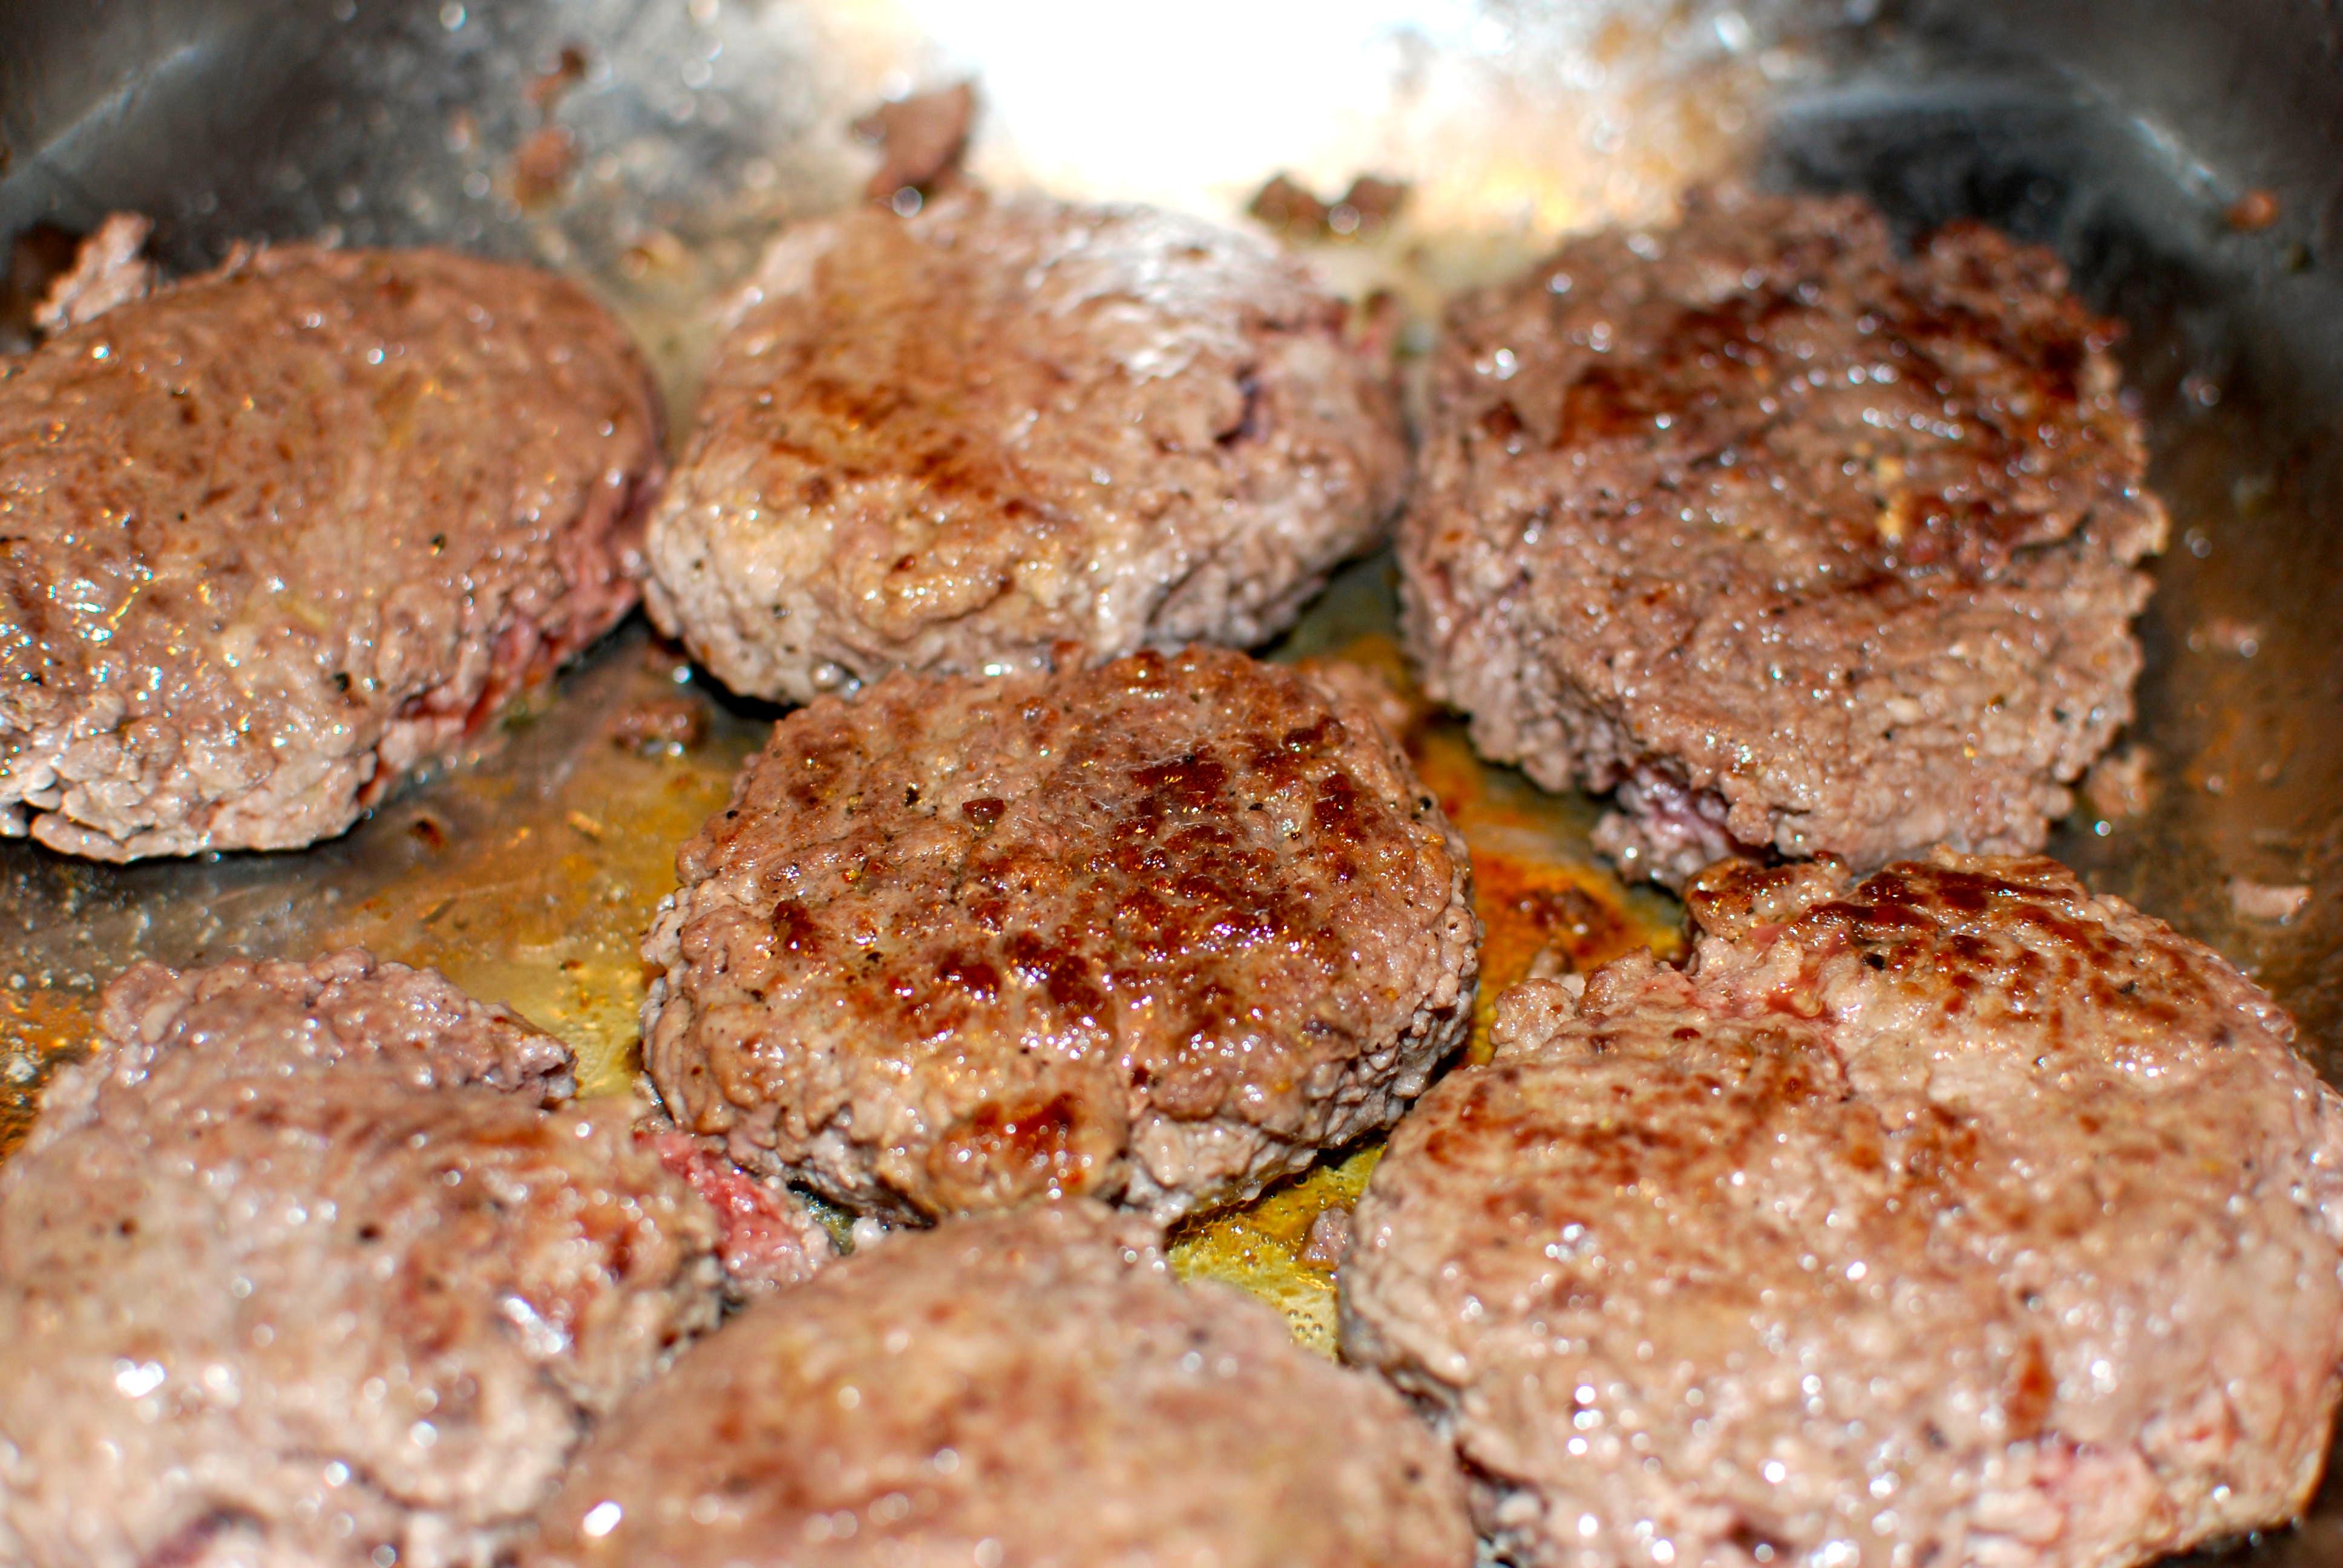 Recette du we hamburger maison blog terroir et fromage - Recette hamburger maison original ...